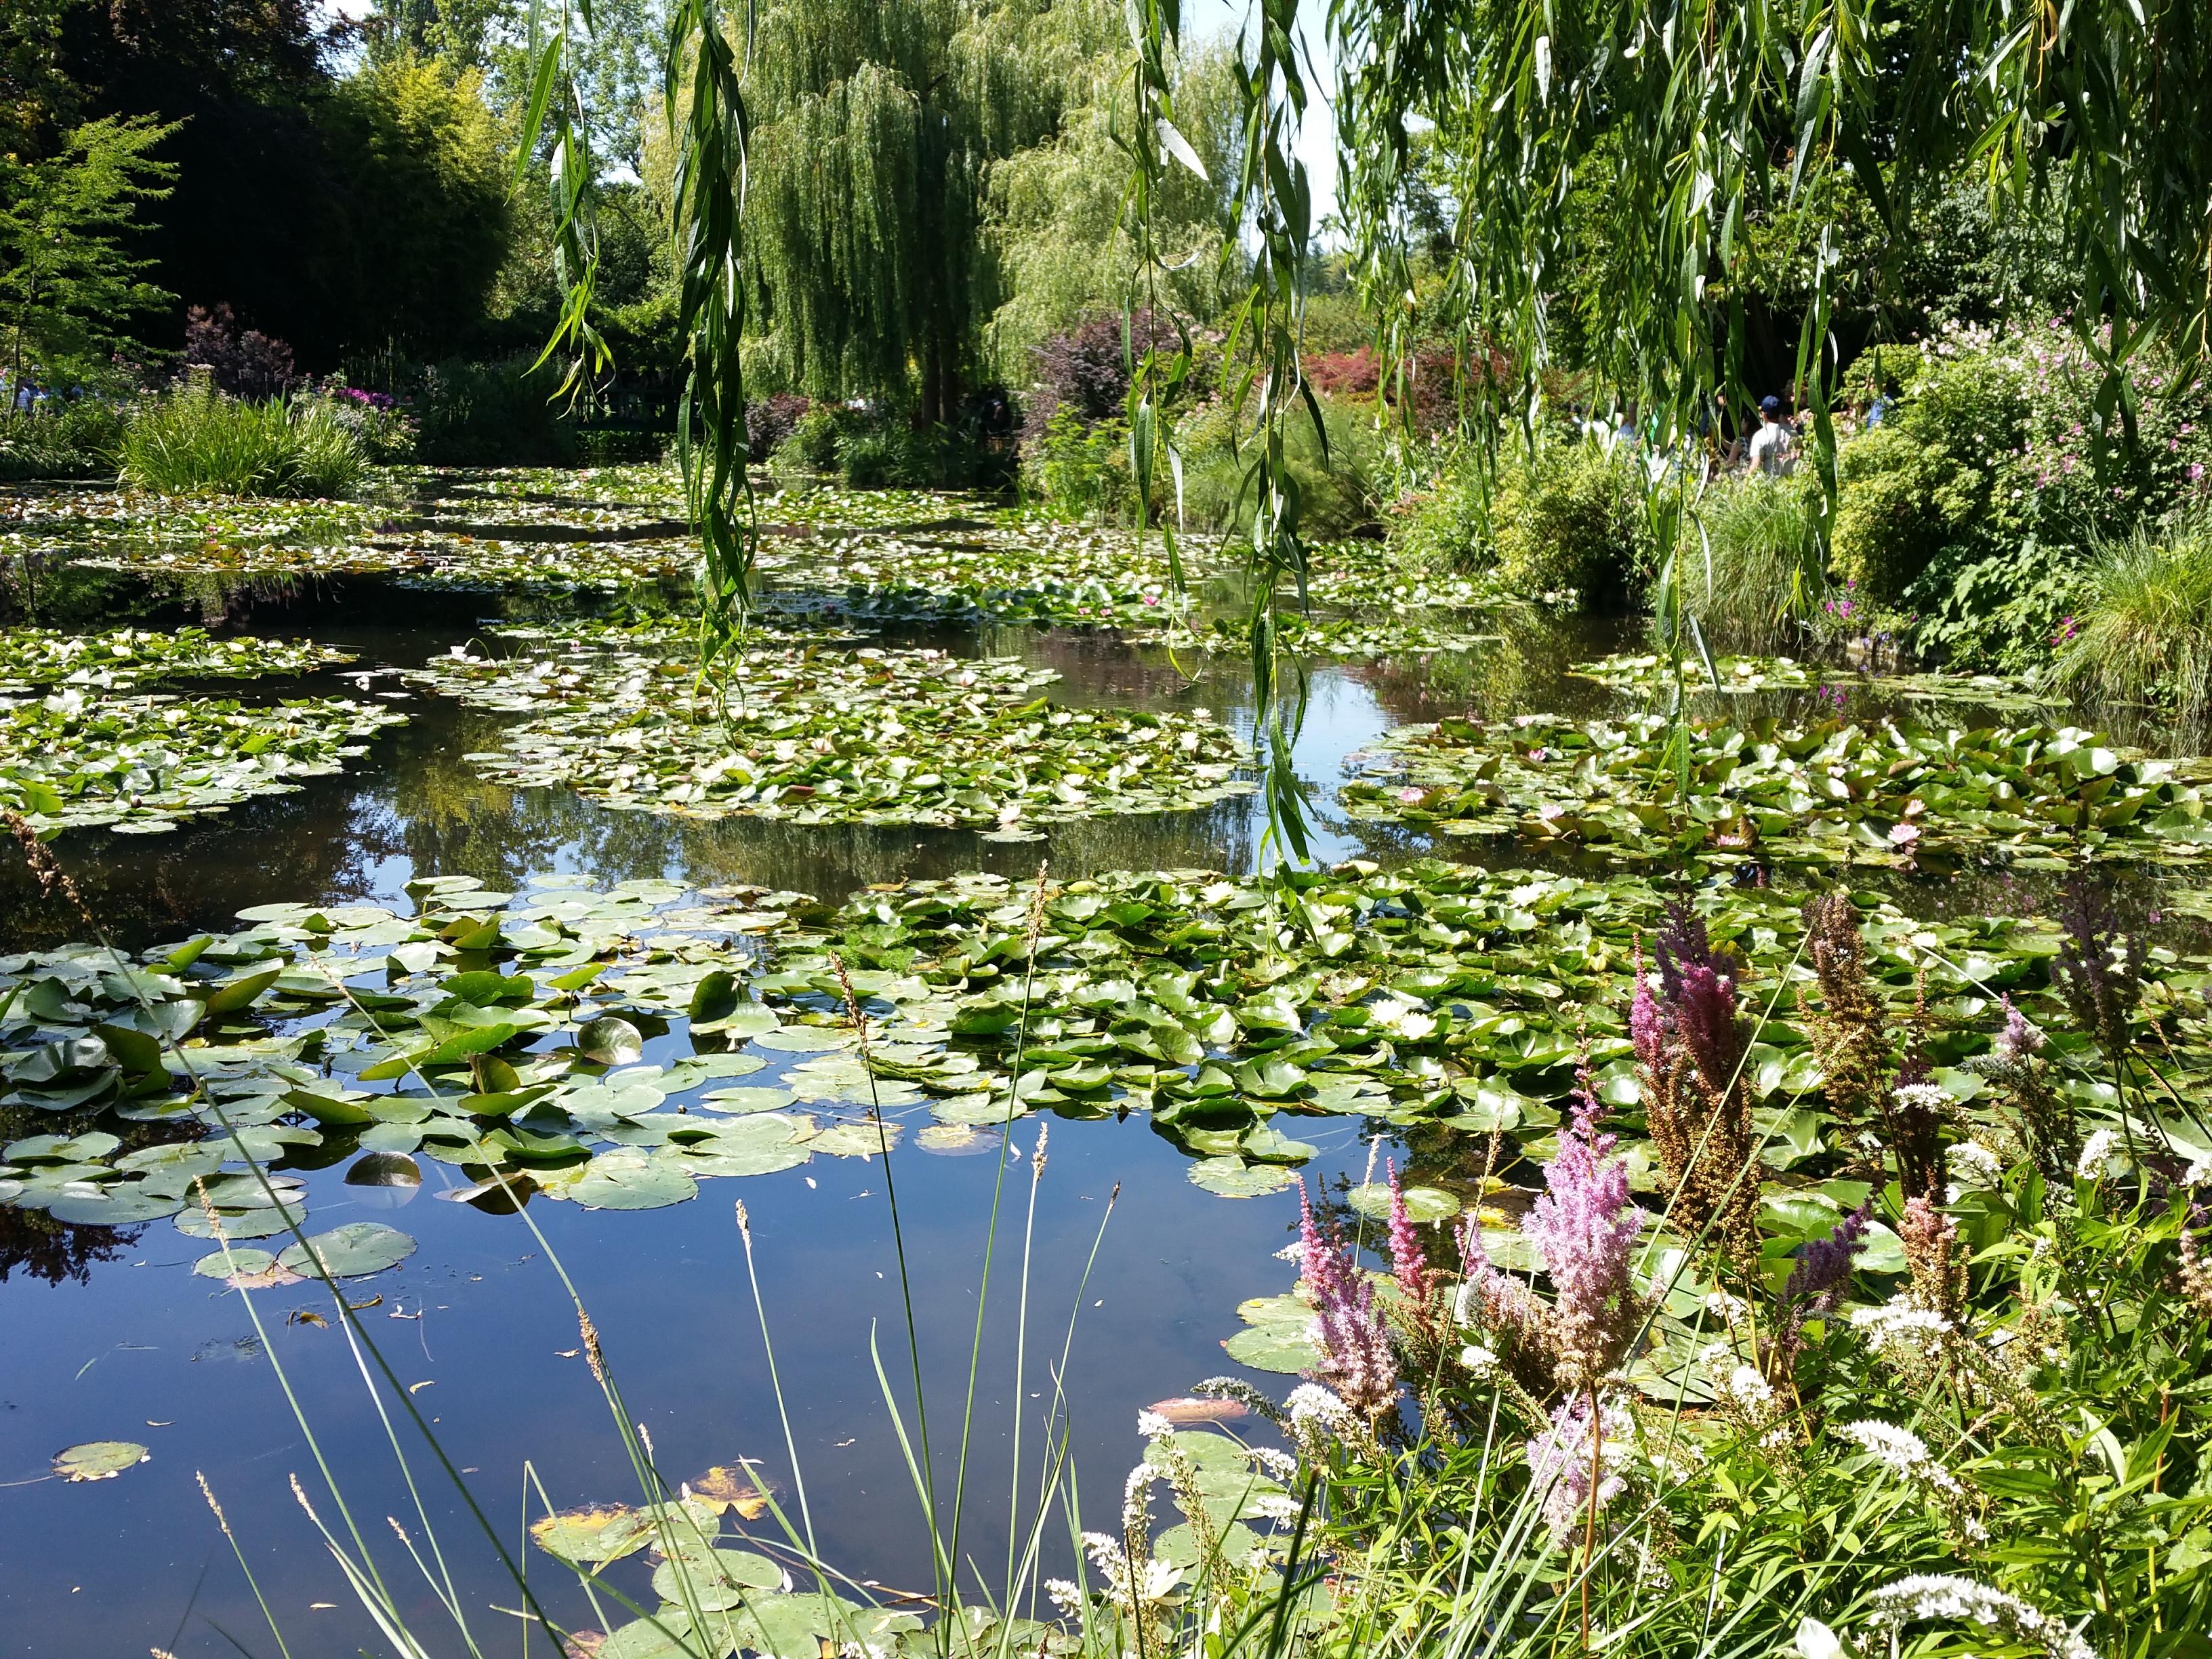 Une journée  la maison de Monet  Giverny et ses cél¨bres jardins